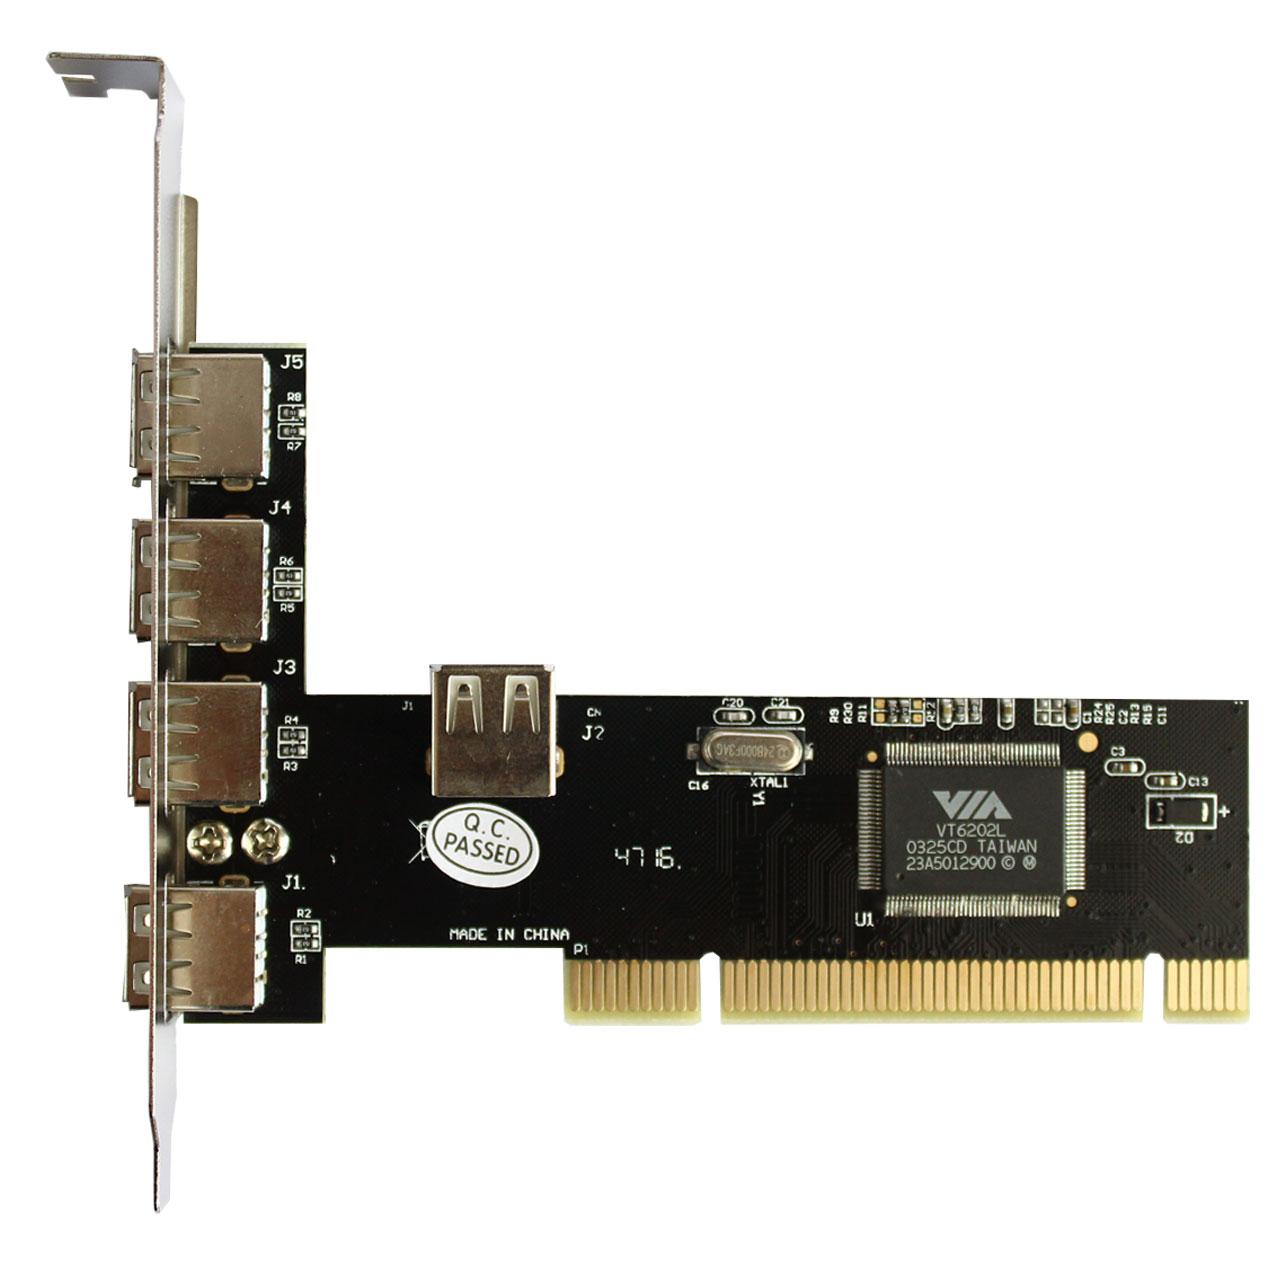 هاب USB 2.0 پنج پورت PCI ویپرو مدل WP-005